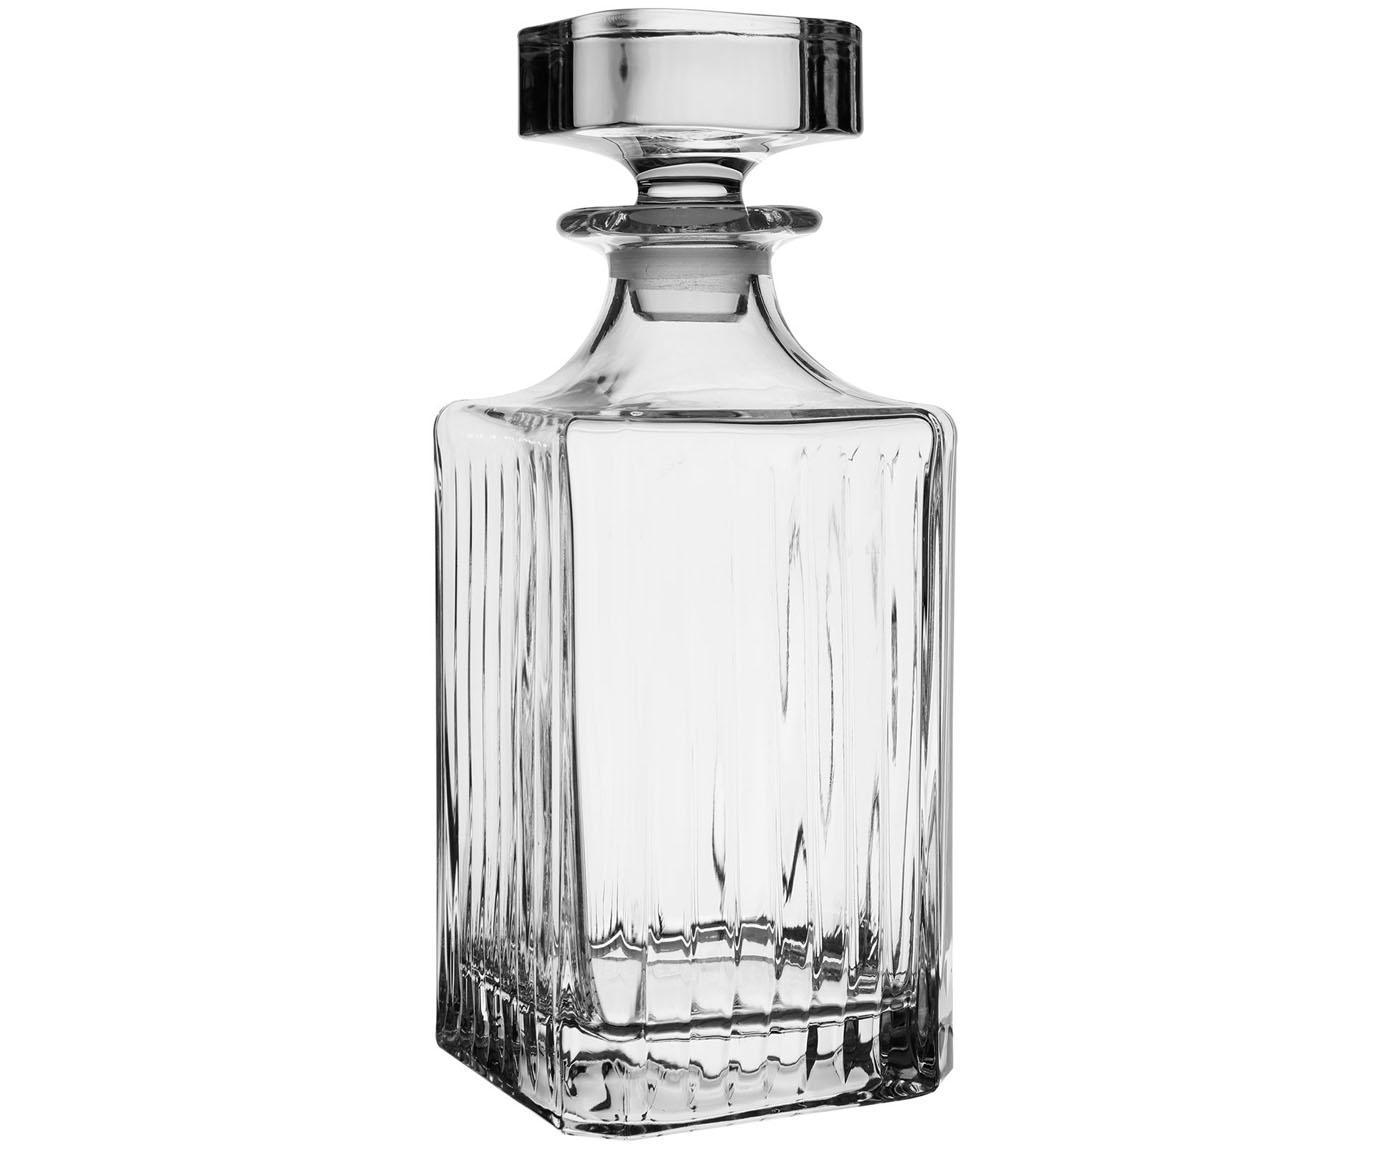 Kryształowa karafka Timeless, Szkło kryształowe, Transparentny, W 24 cm